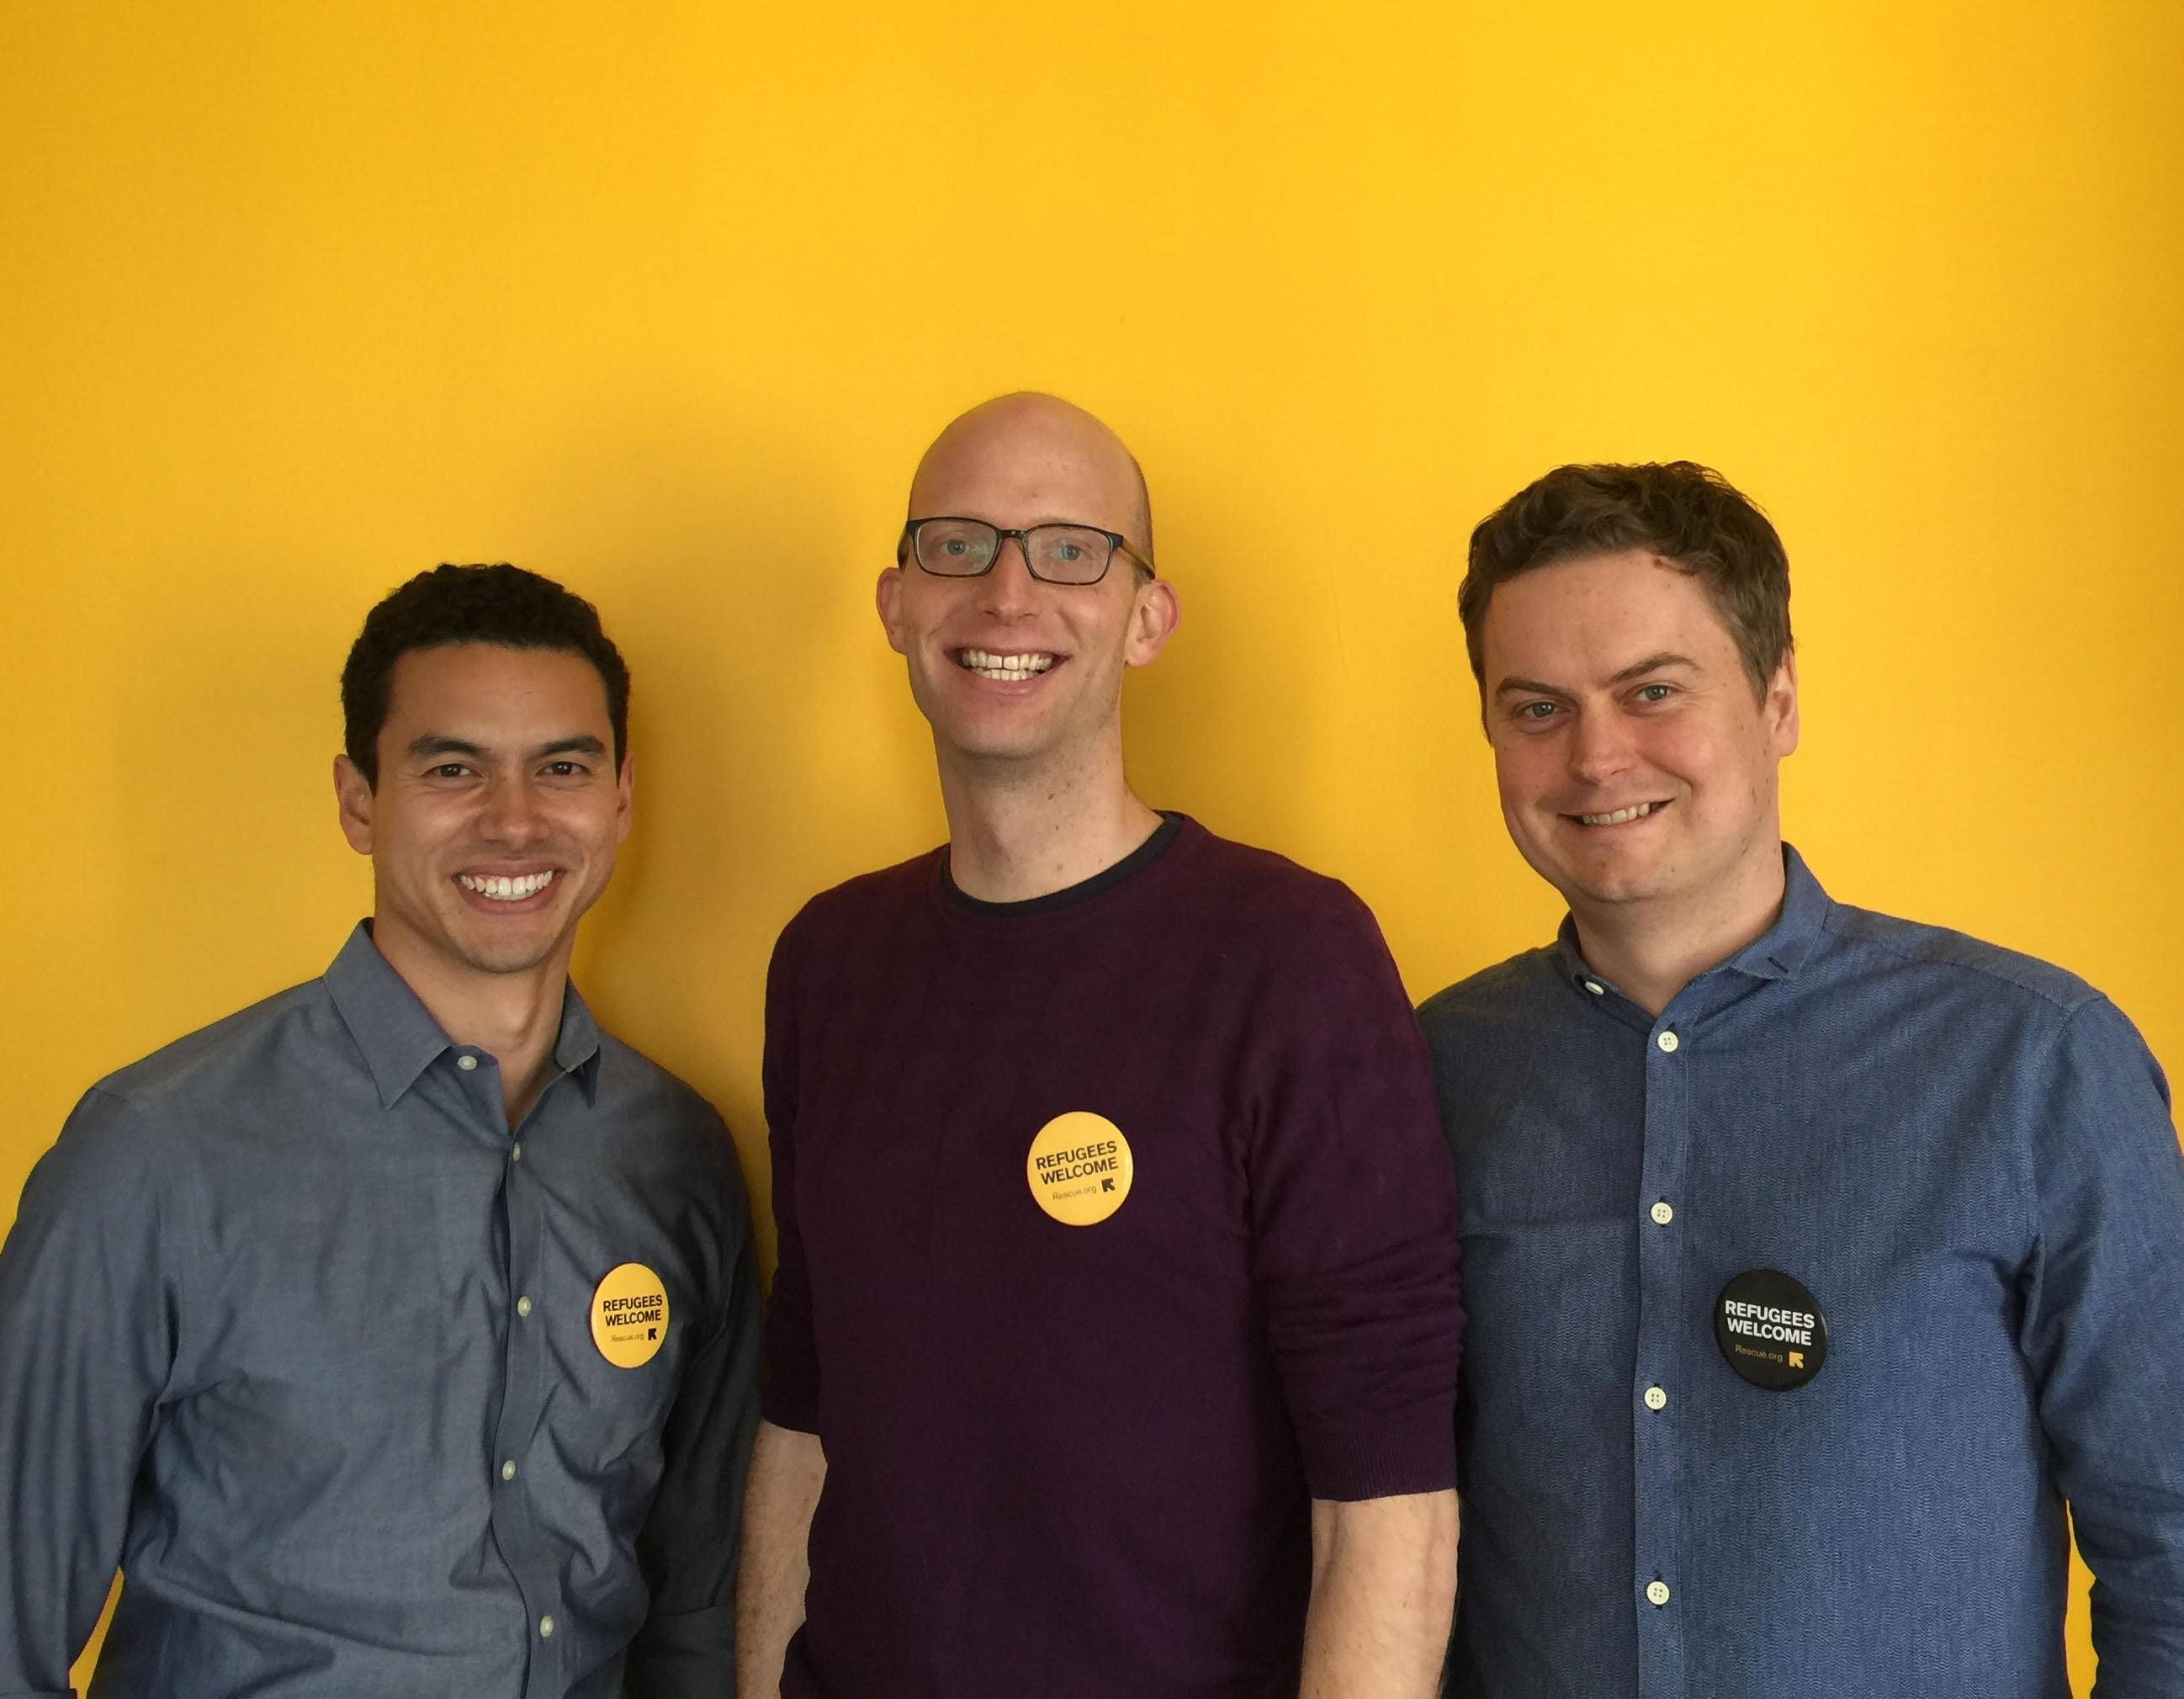 Ben Wise, Austin Riggs, and Matthew Seden